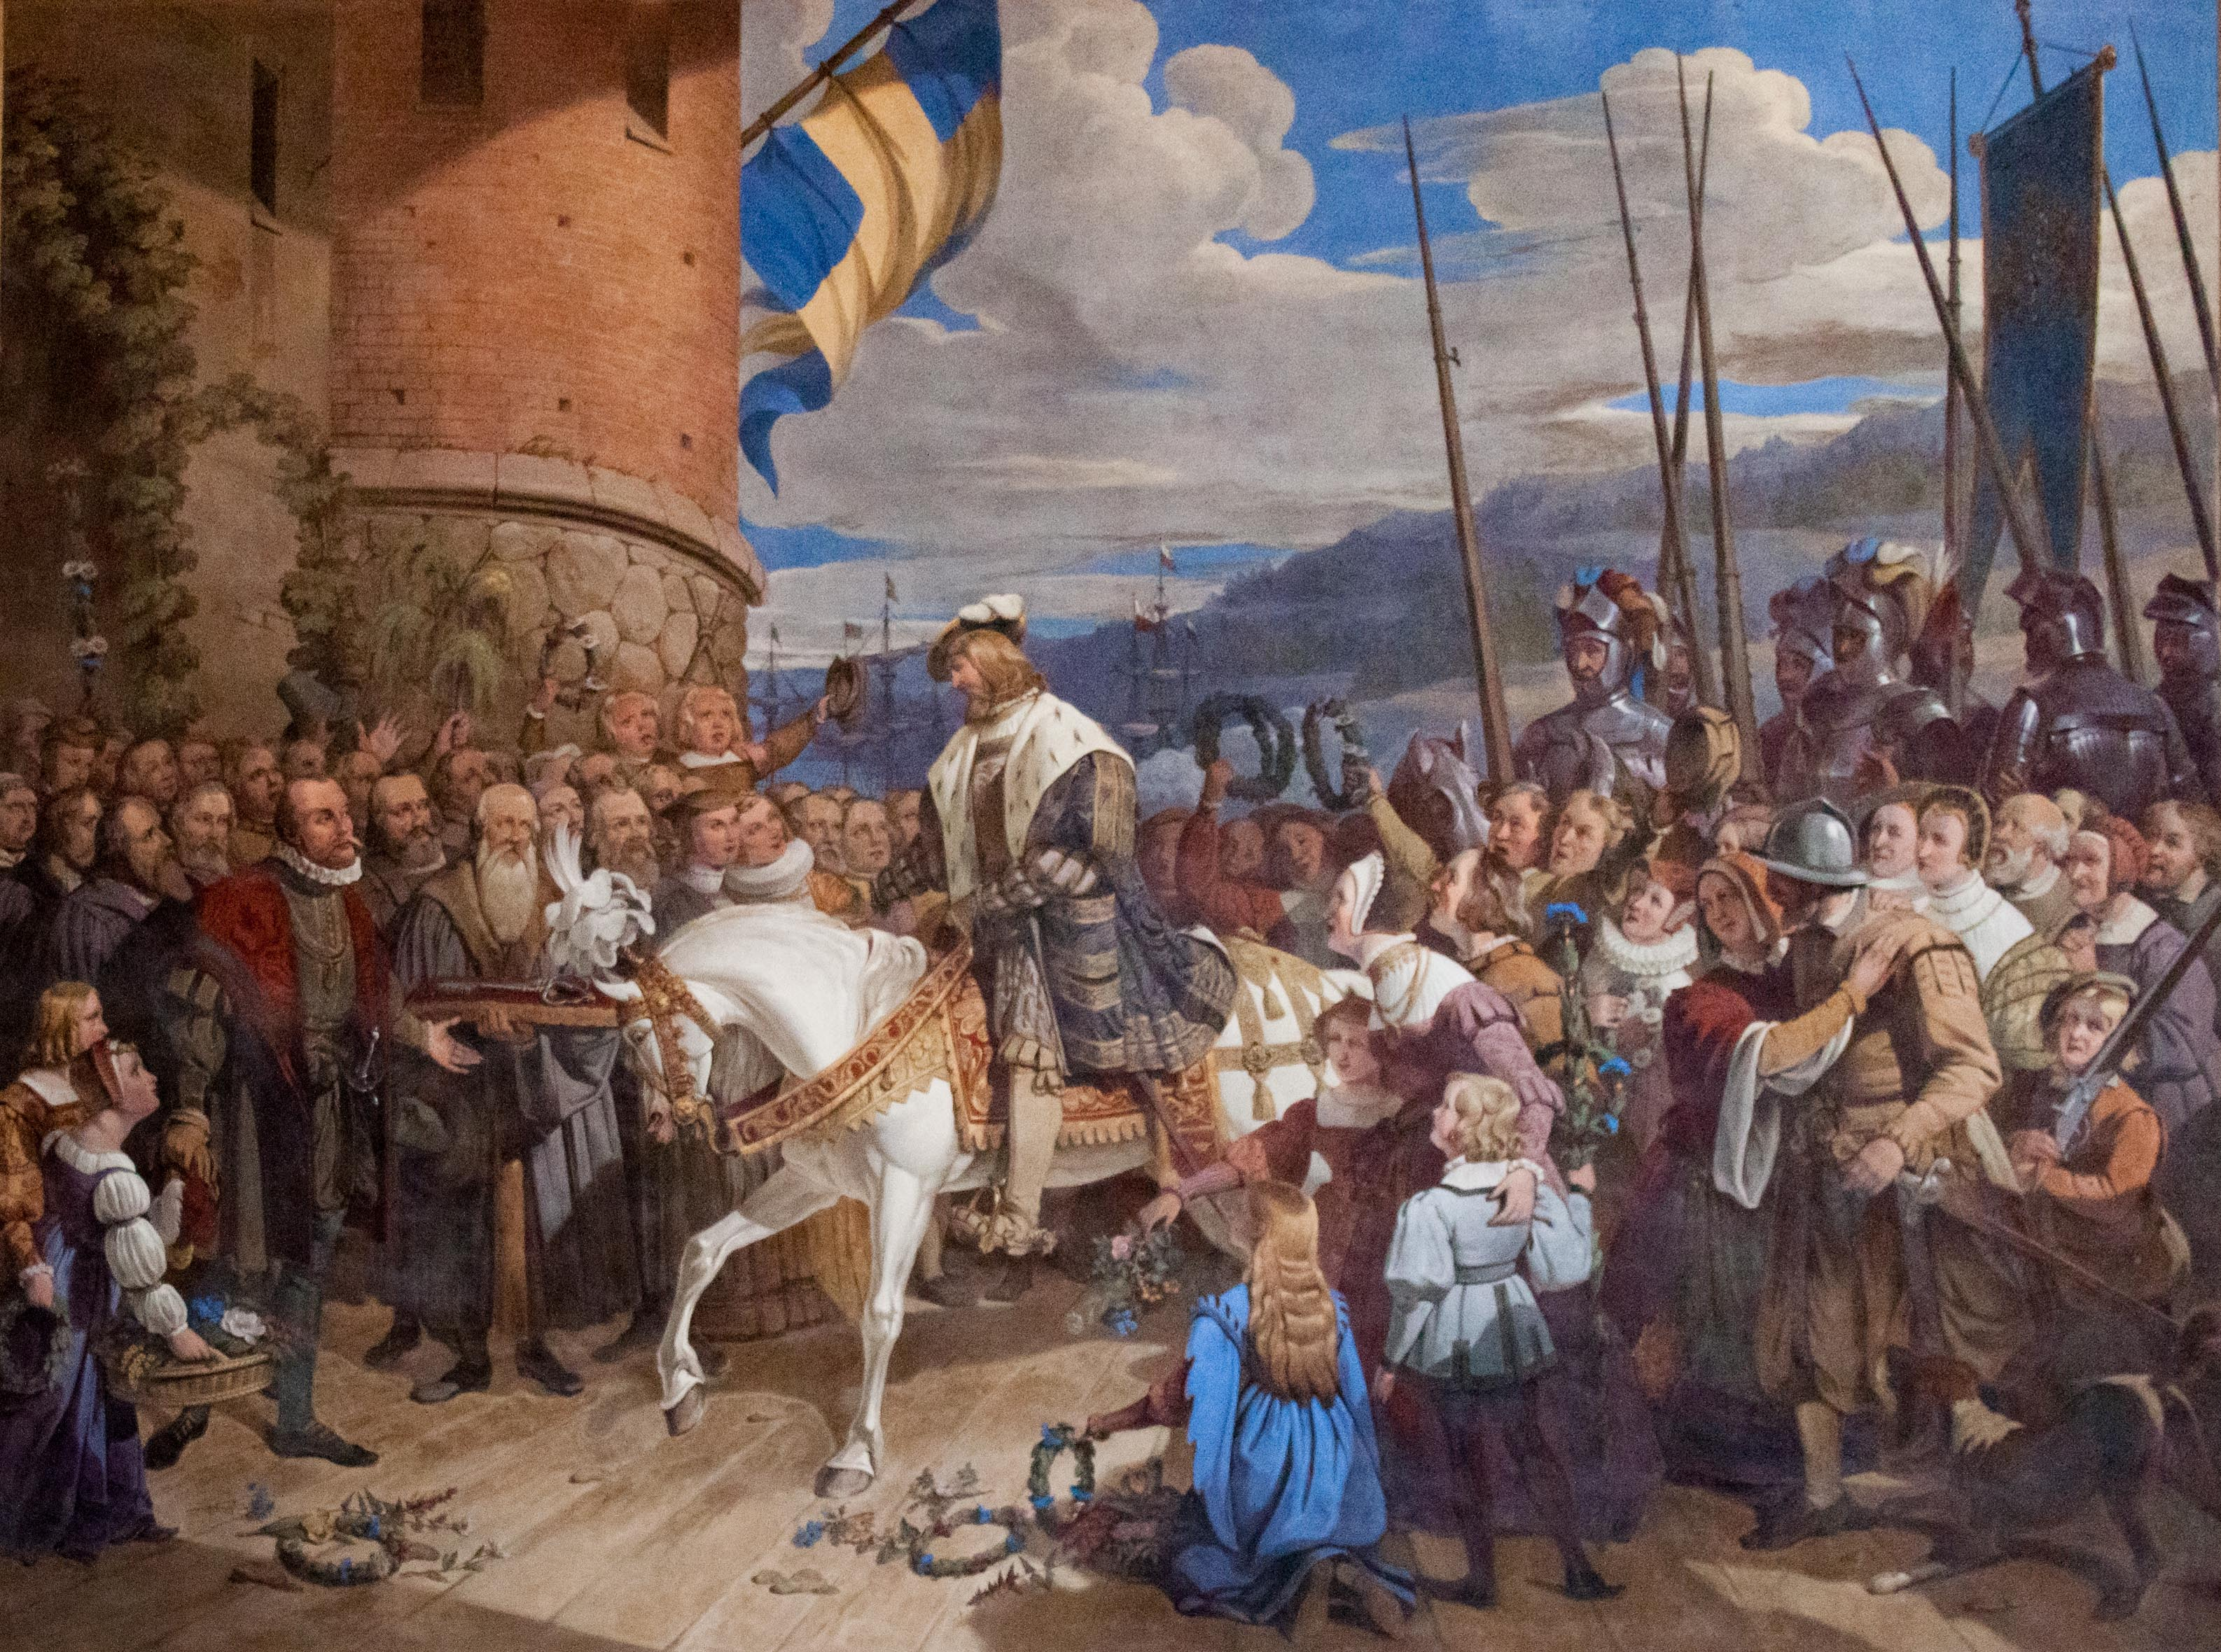 File:Fresco 5 - Intaget i Stockholm 1523.jpg